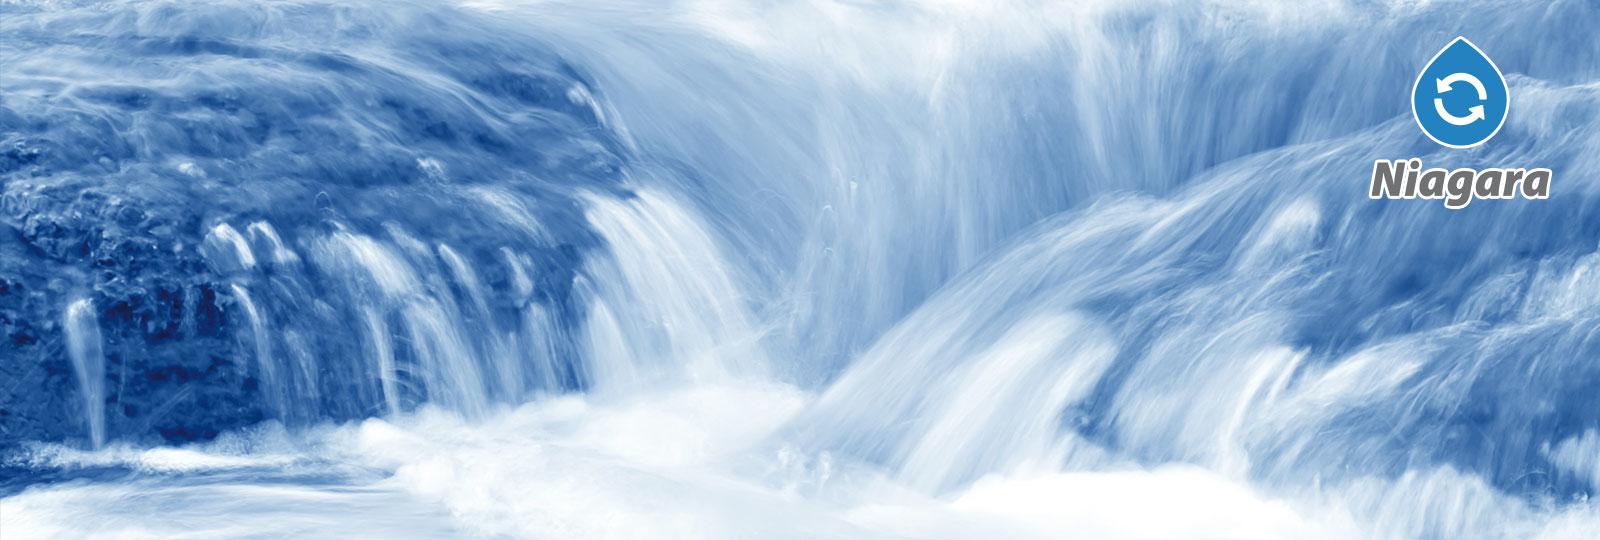 Kraftvoll wie die Wasserfälle sind auch unsere Korbwaschanlagen Niagara